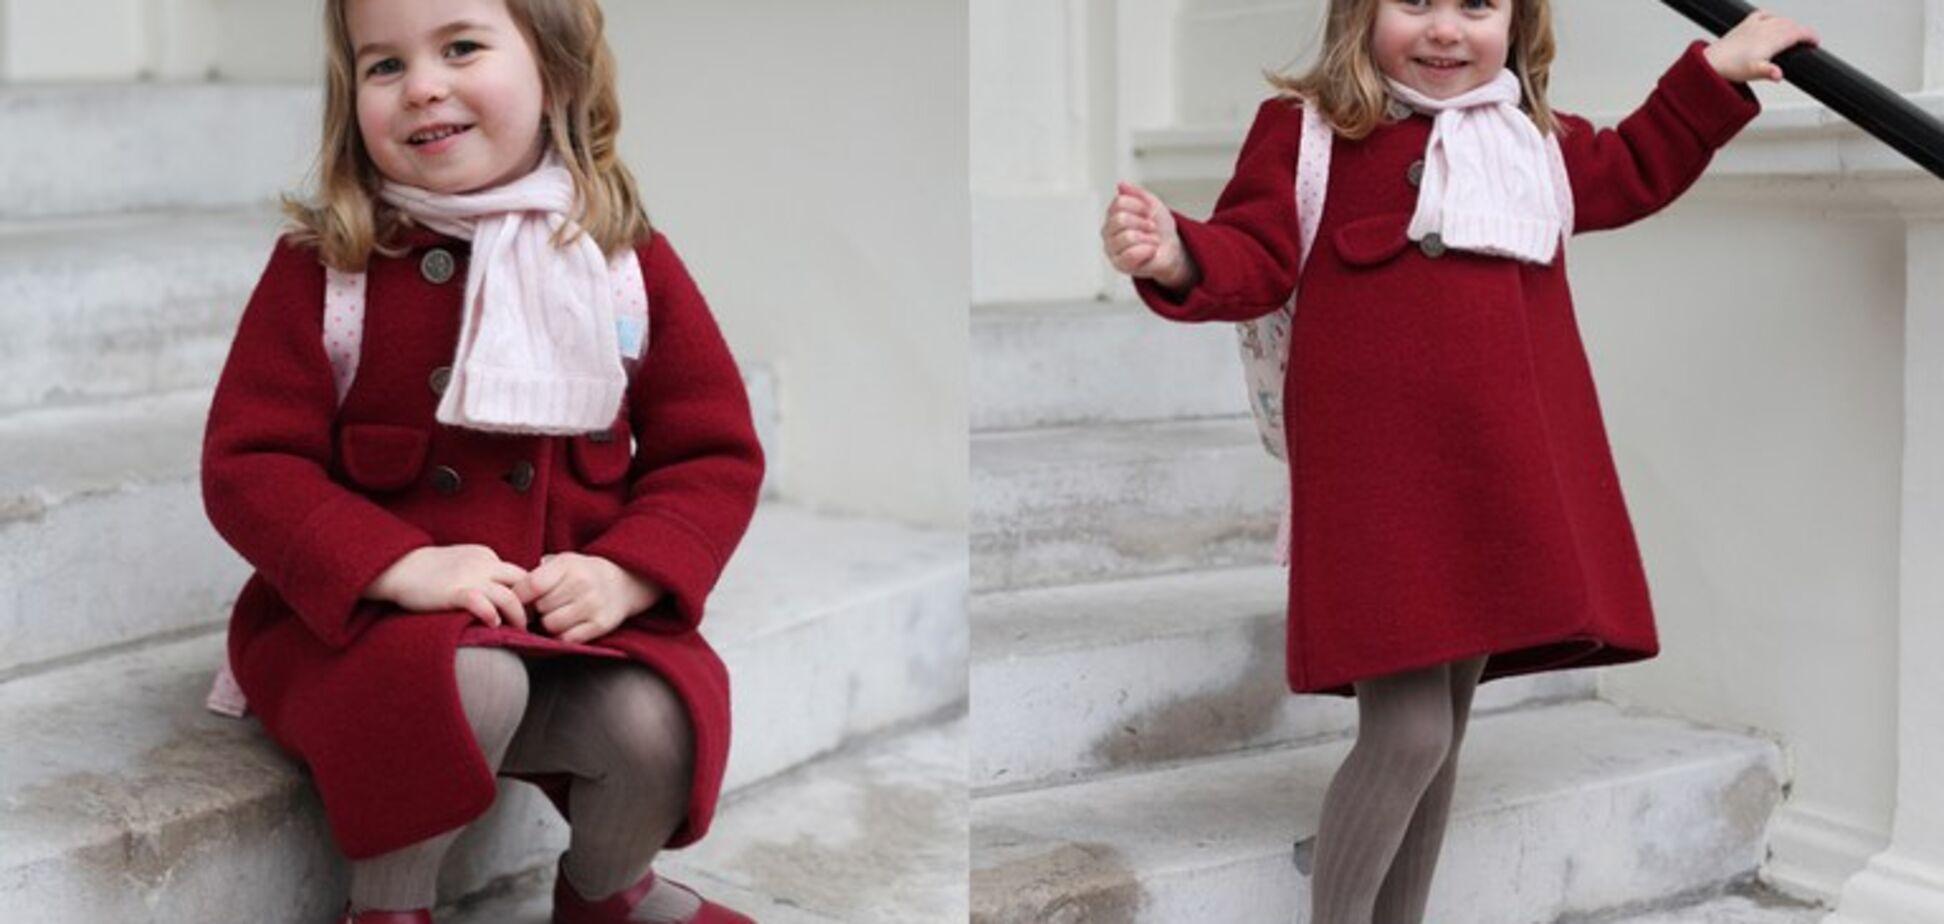 Принцессе Шарлотте исполнилось 3 года